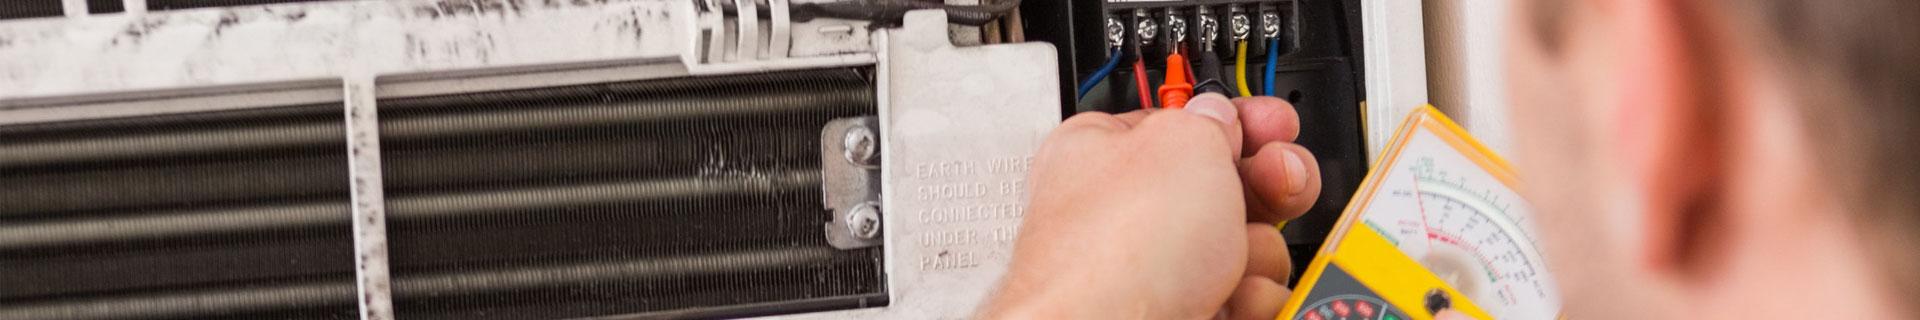 Multiservicios Alicante - Reparación electrodomésticos